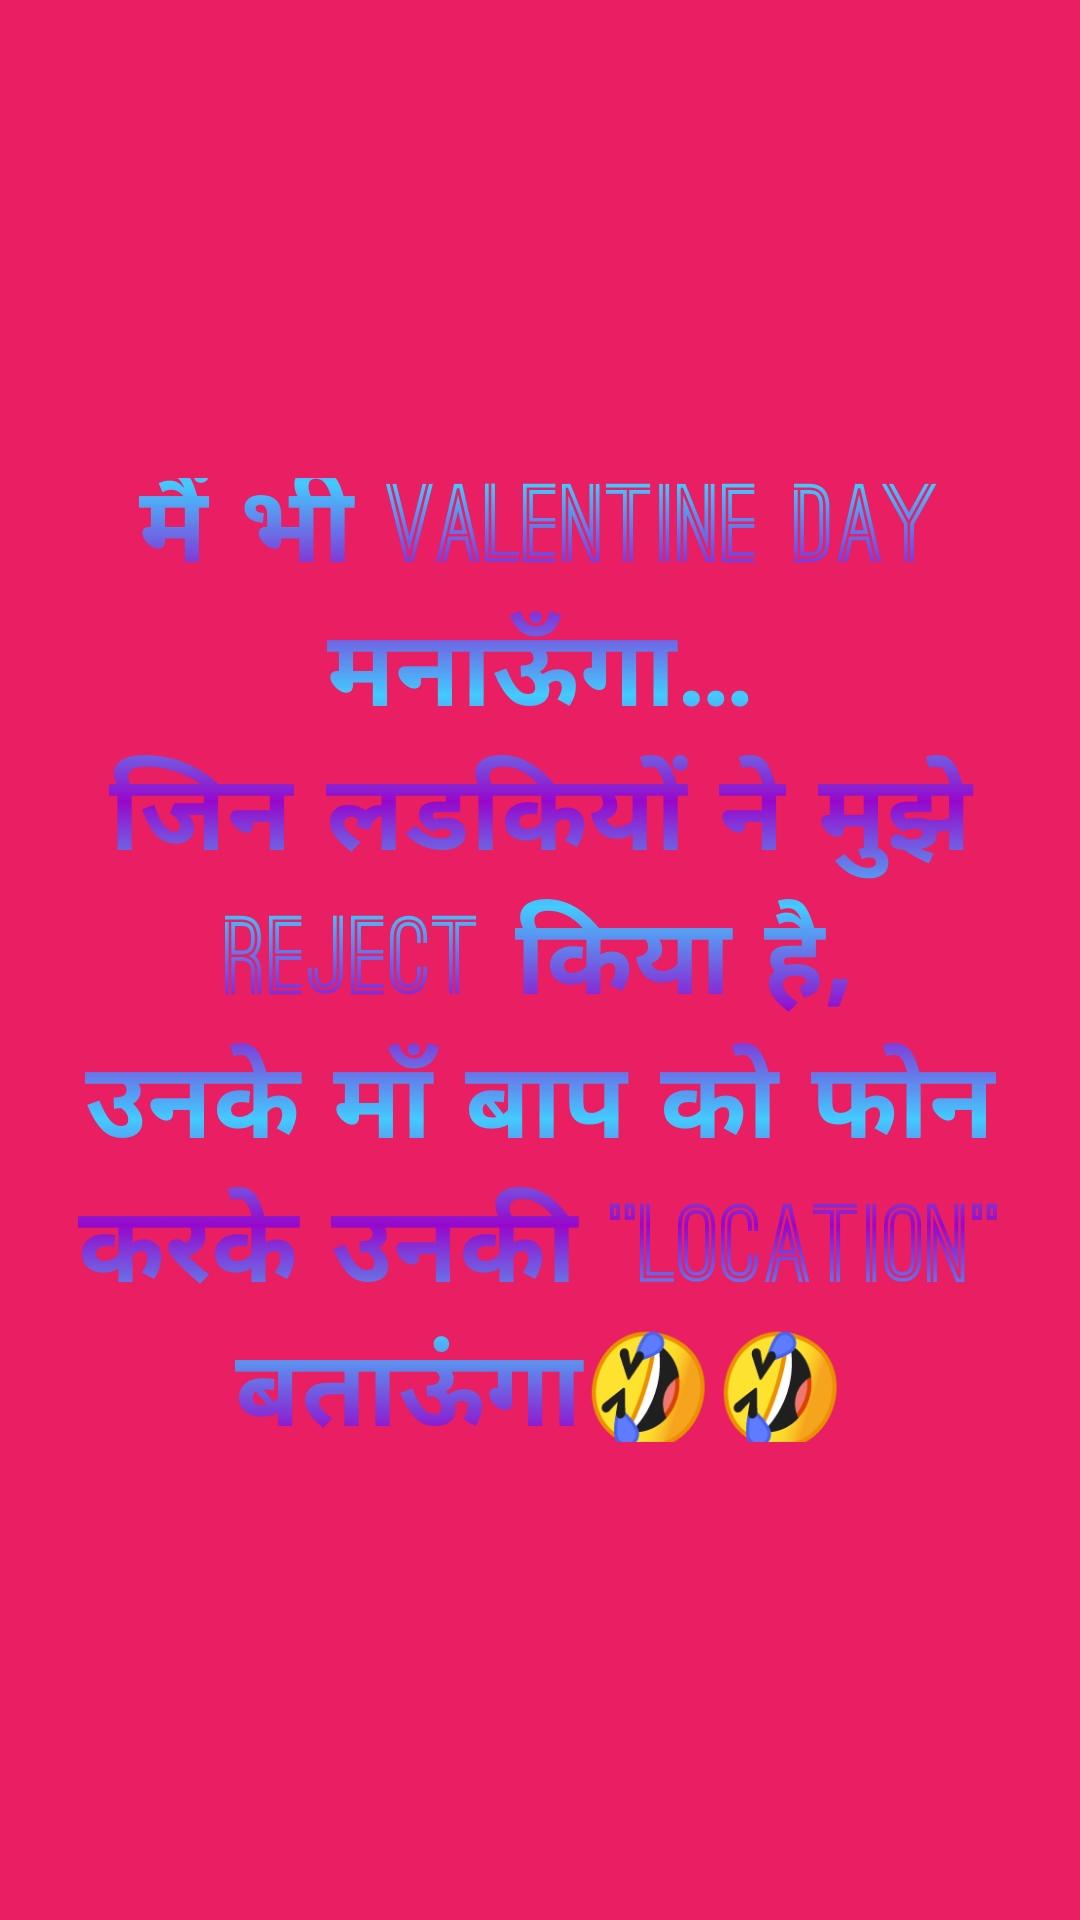 """मैं भी Valentine day मनाऊँगा… जिन लडकियों ने मुझे Reject किया है, उनके माँ बाप को फोन करके उनकी """"LOCATION"""" बताऊंगा🤣🤣"""